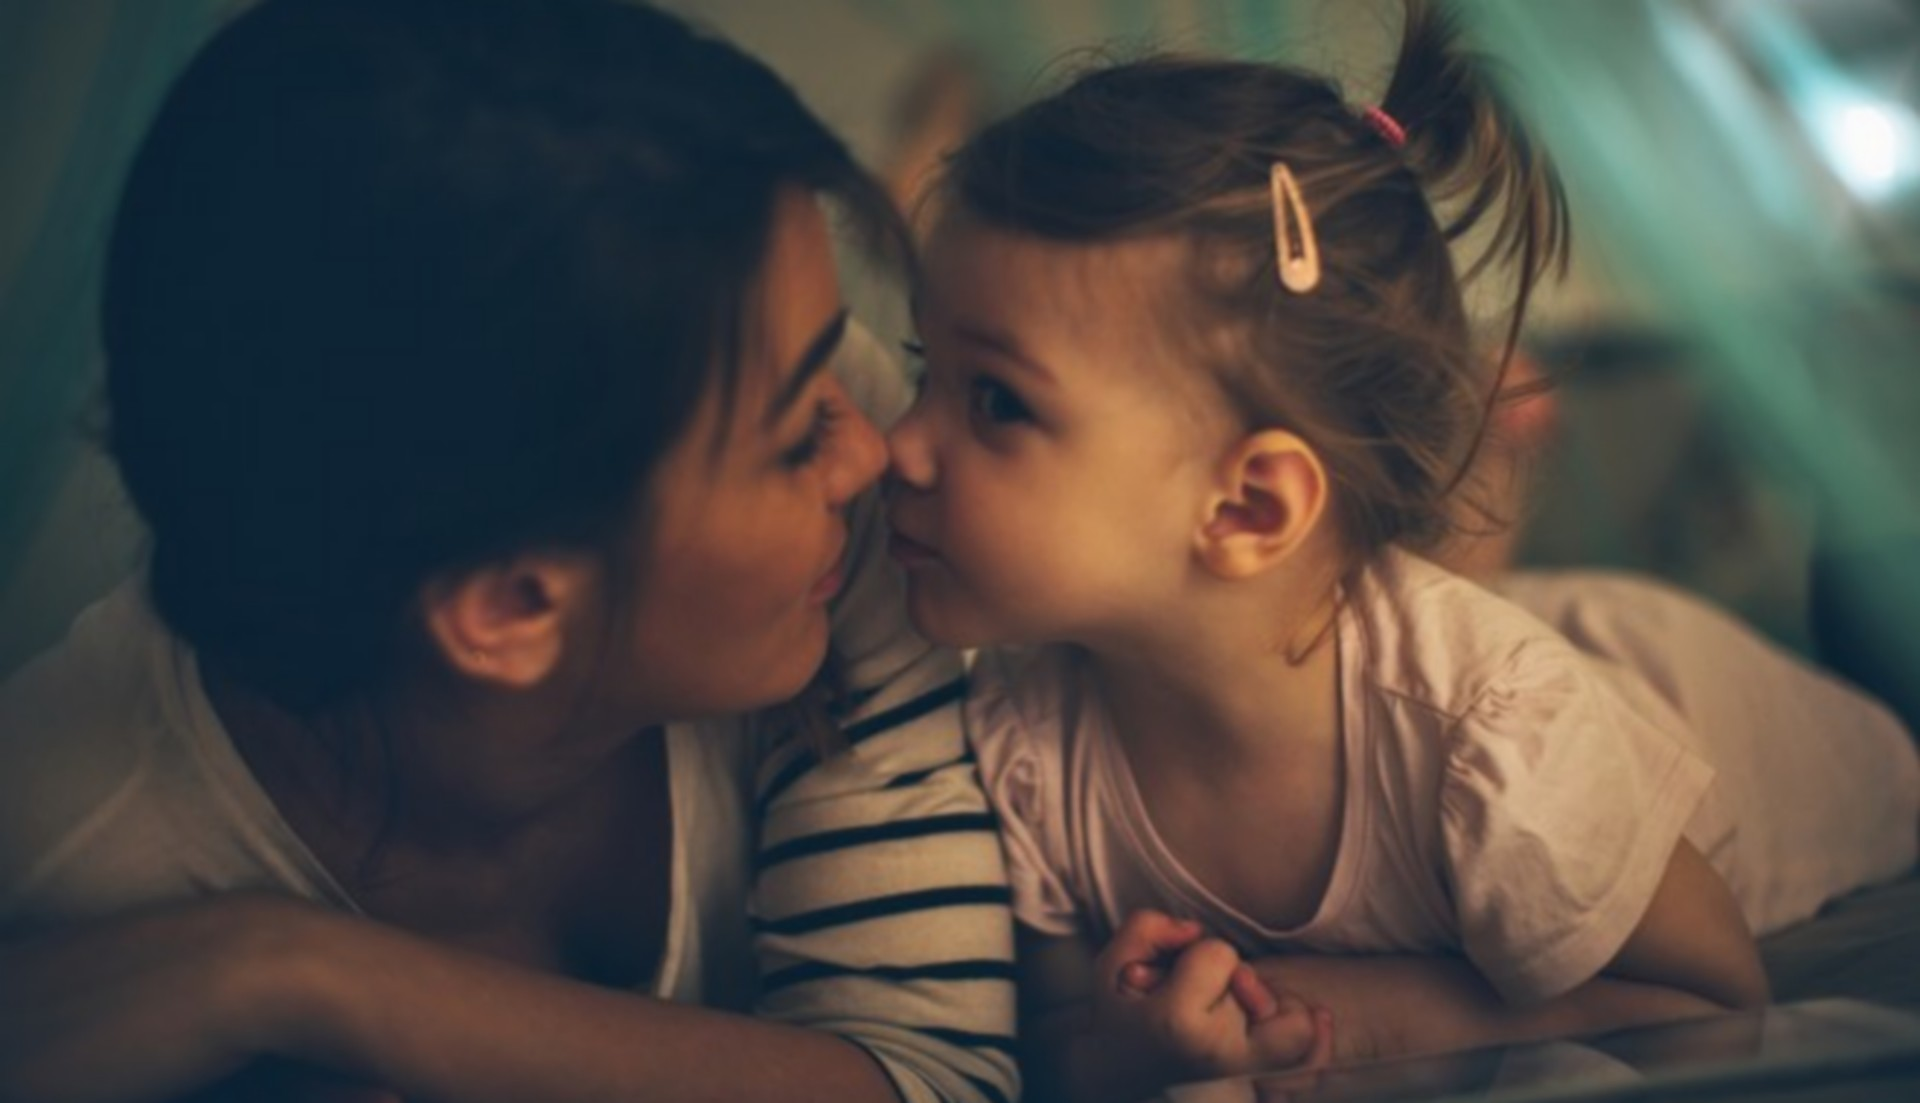 macierzyństwo w młodym wieku